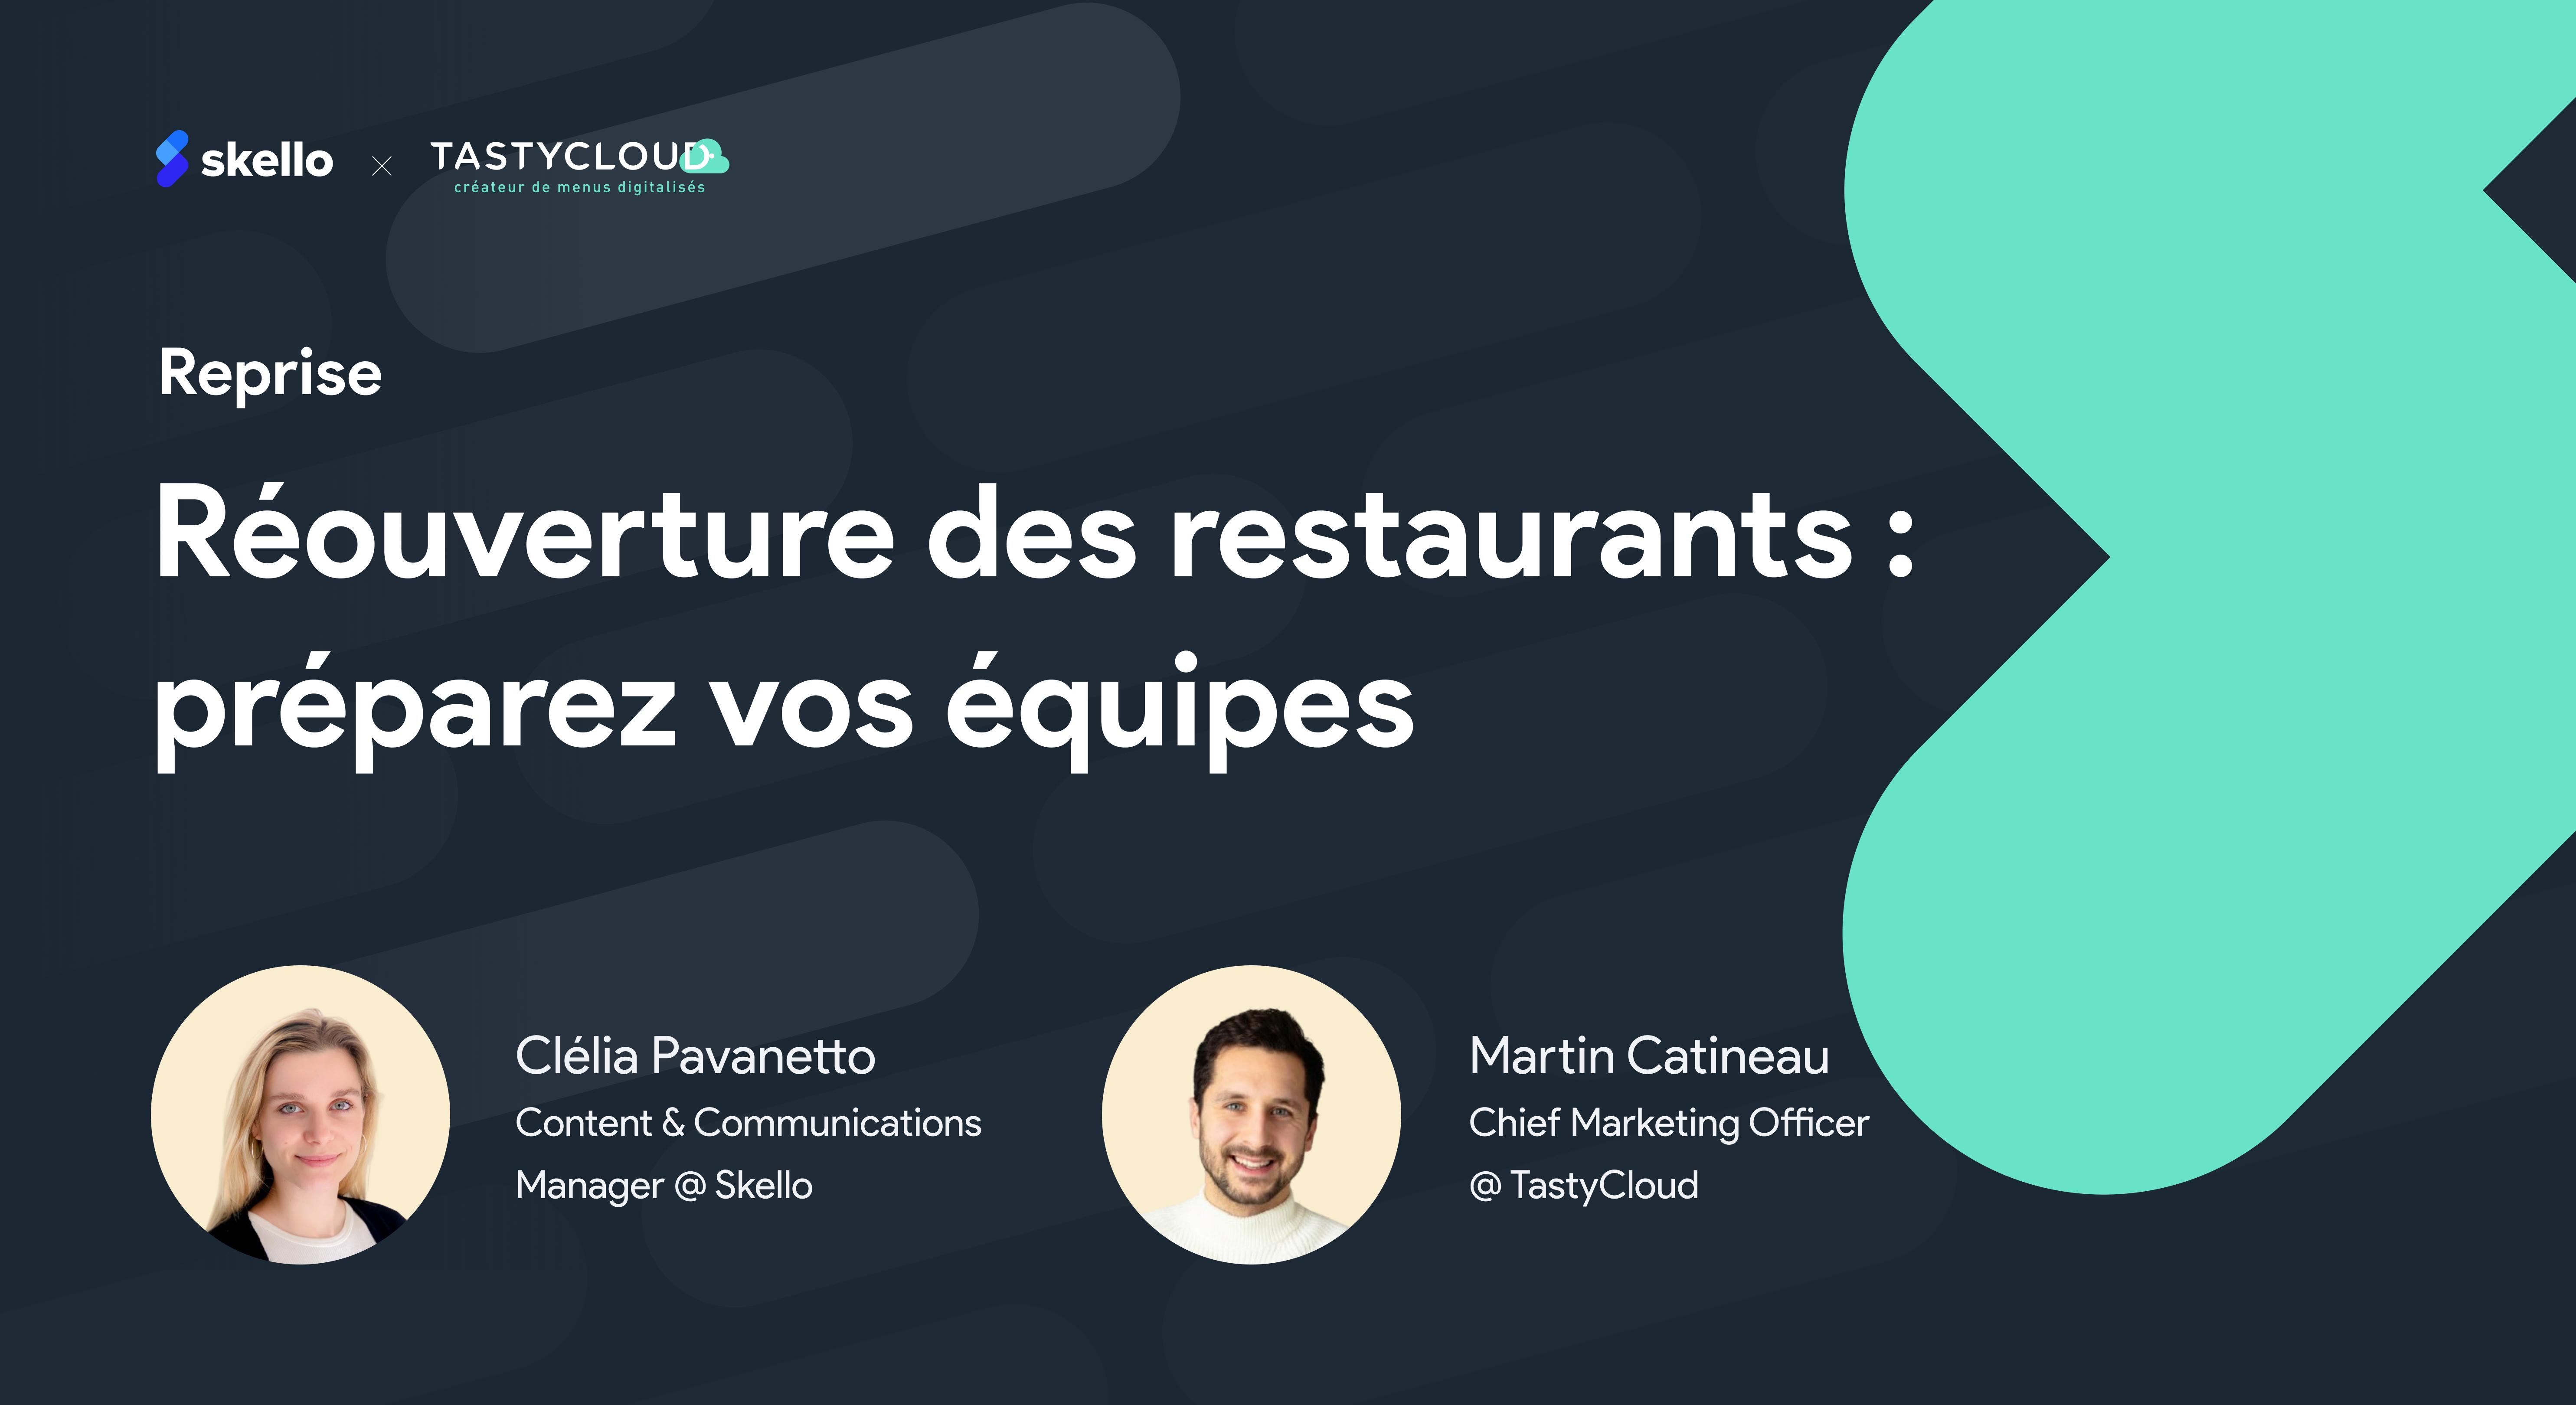 Réouverture des restaurants : préparez vos équipes à un nouveau parcours client